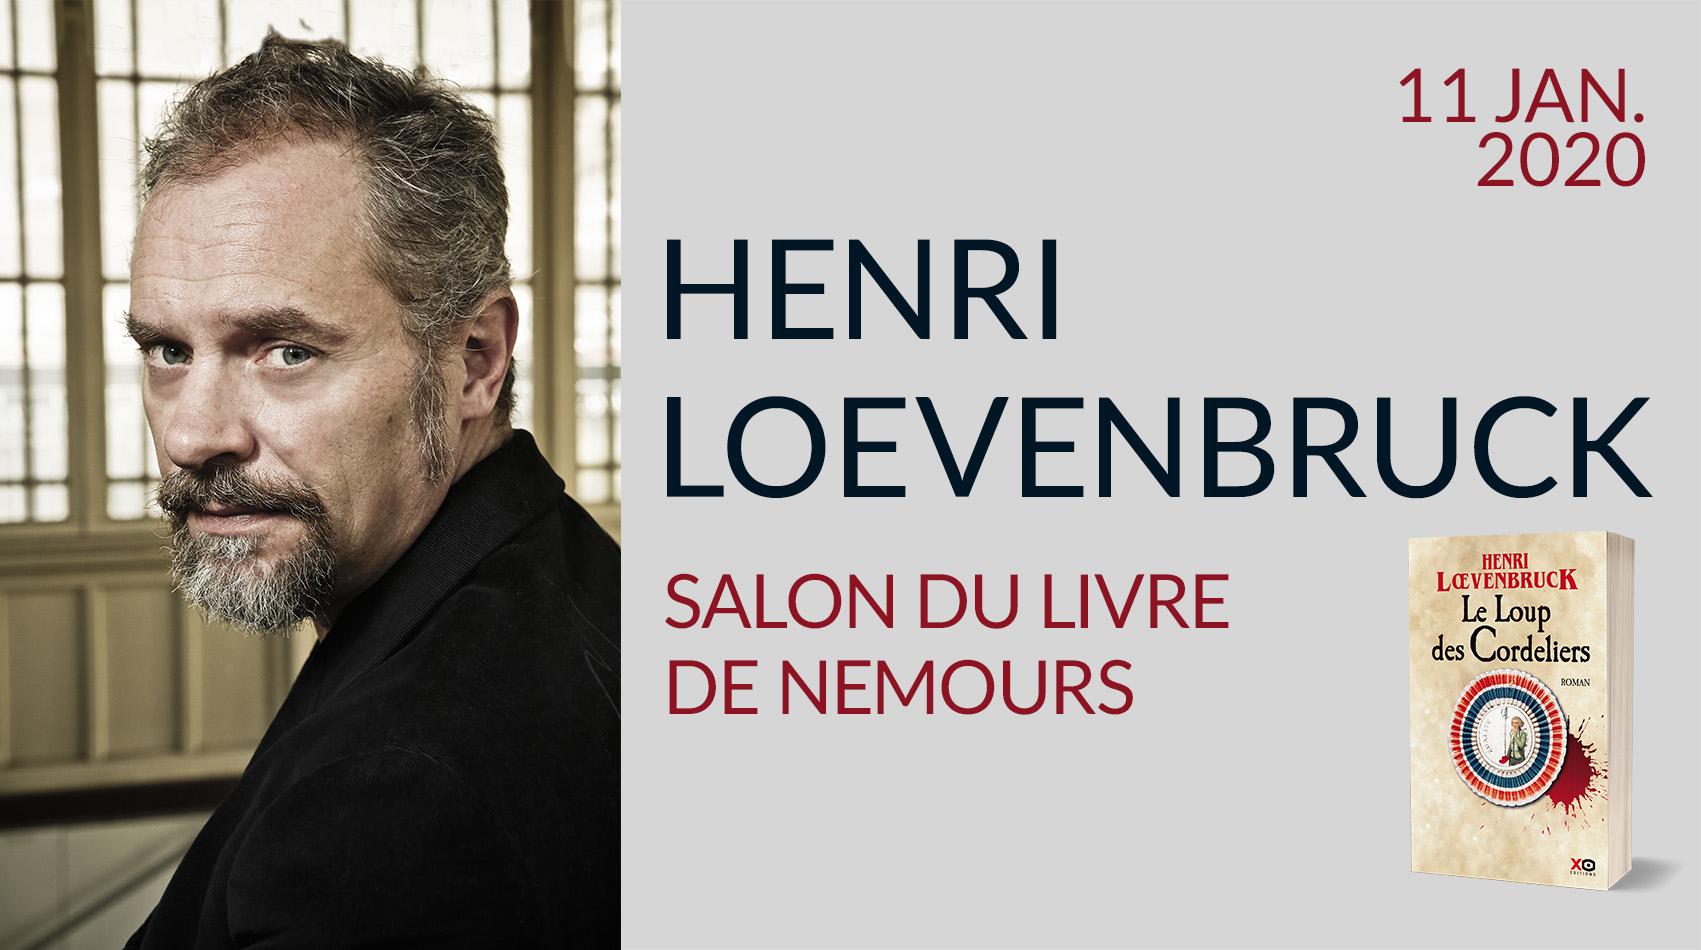 HENRI LOEVENBRUCK AU SALON DU LIVRE DE NEMOURS